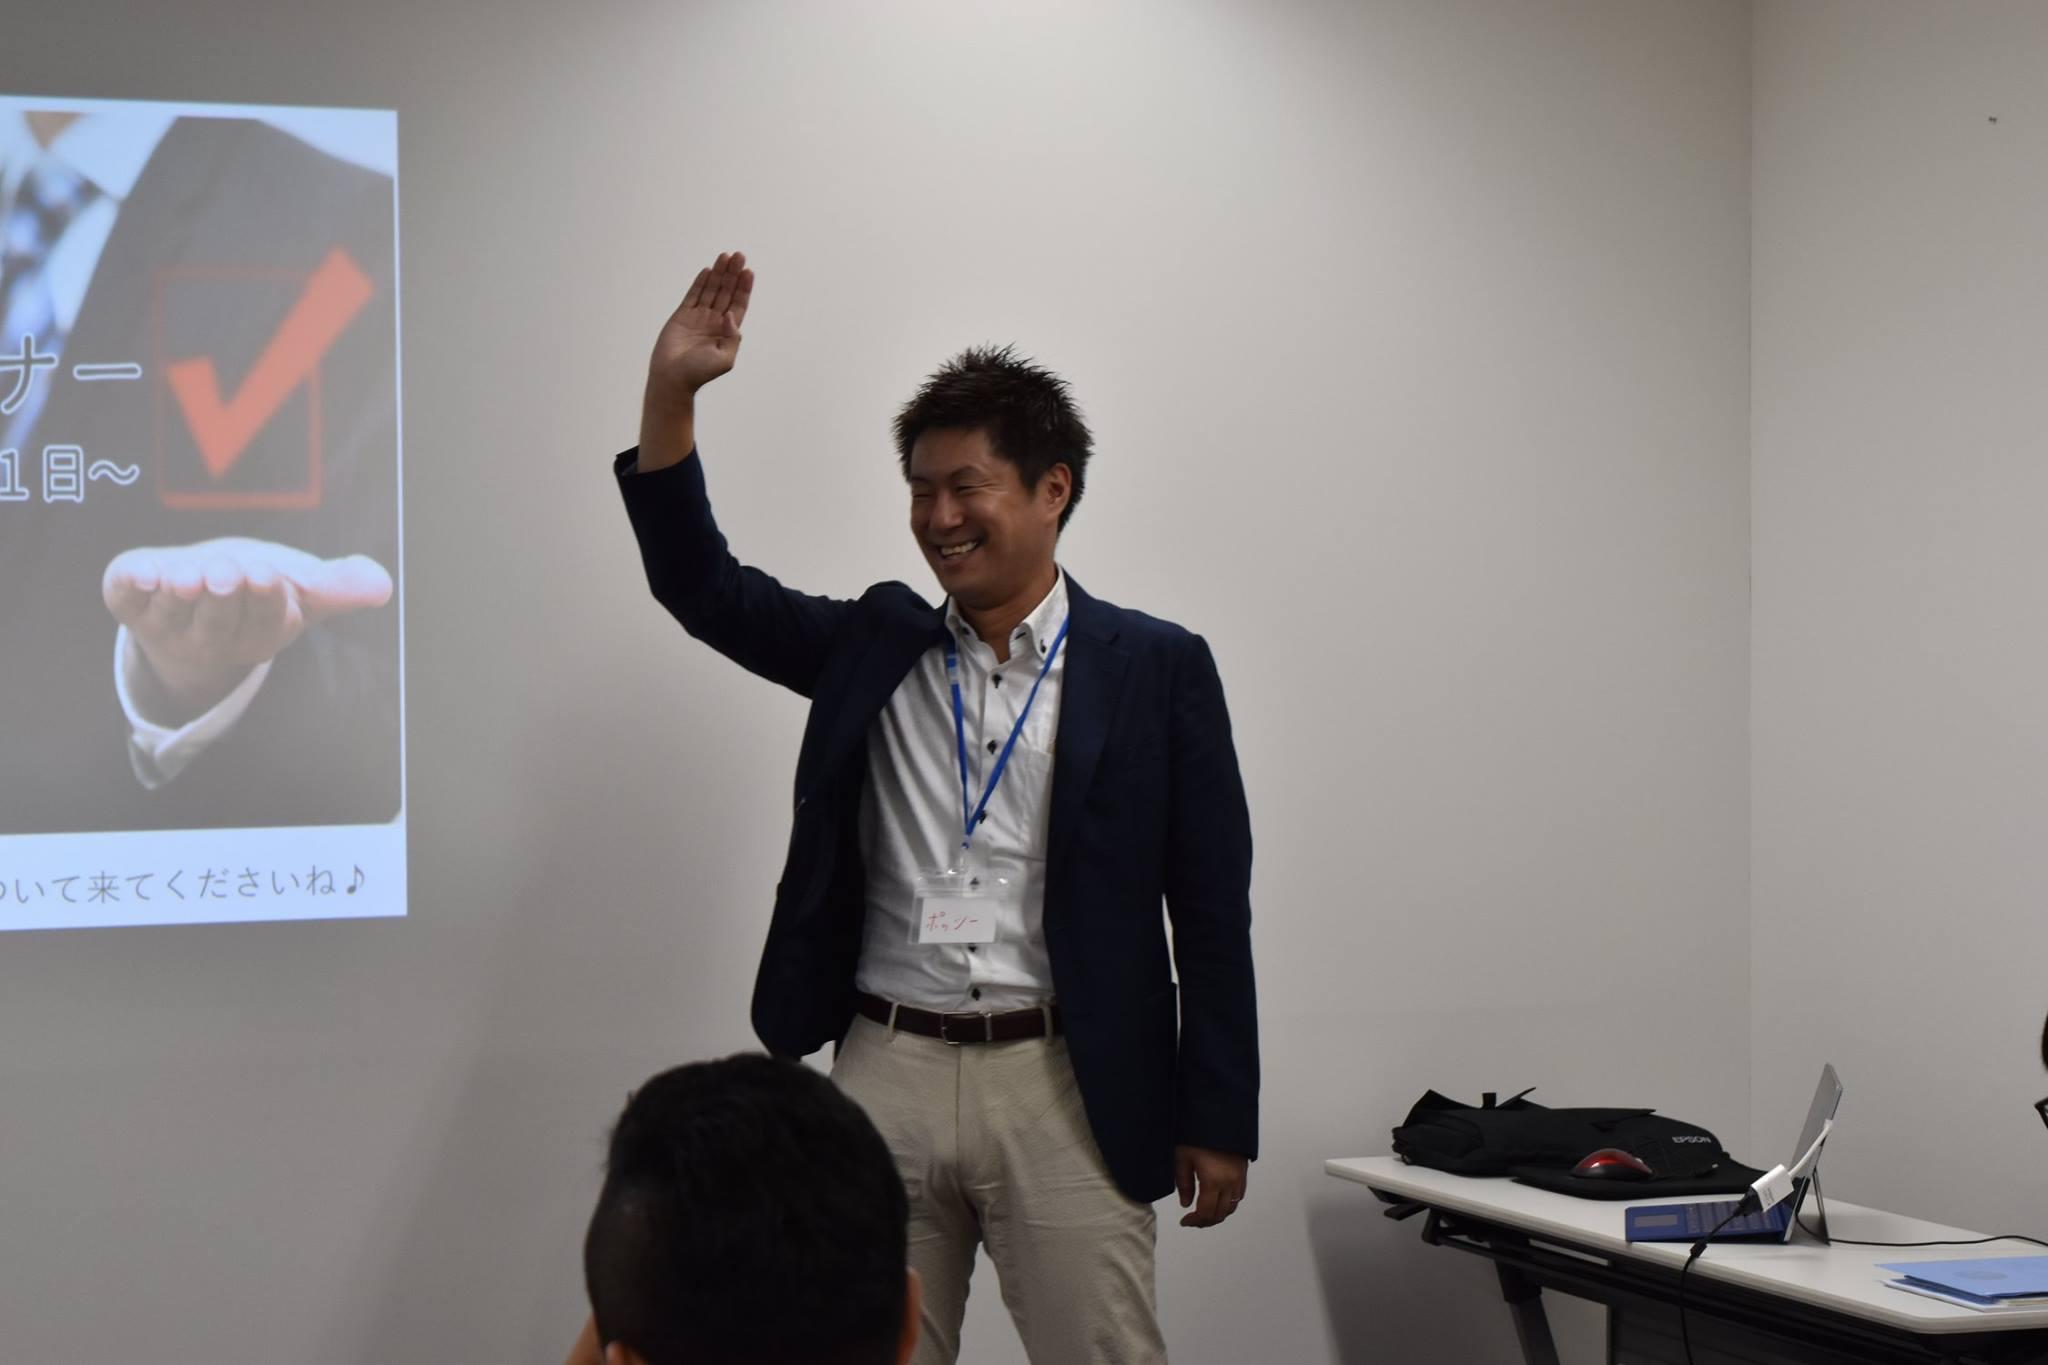 独立開局実現セミナーin大阪 熱かった!!